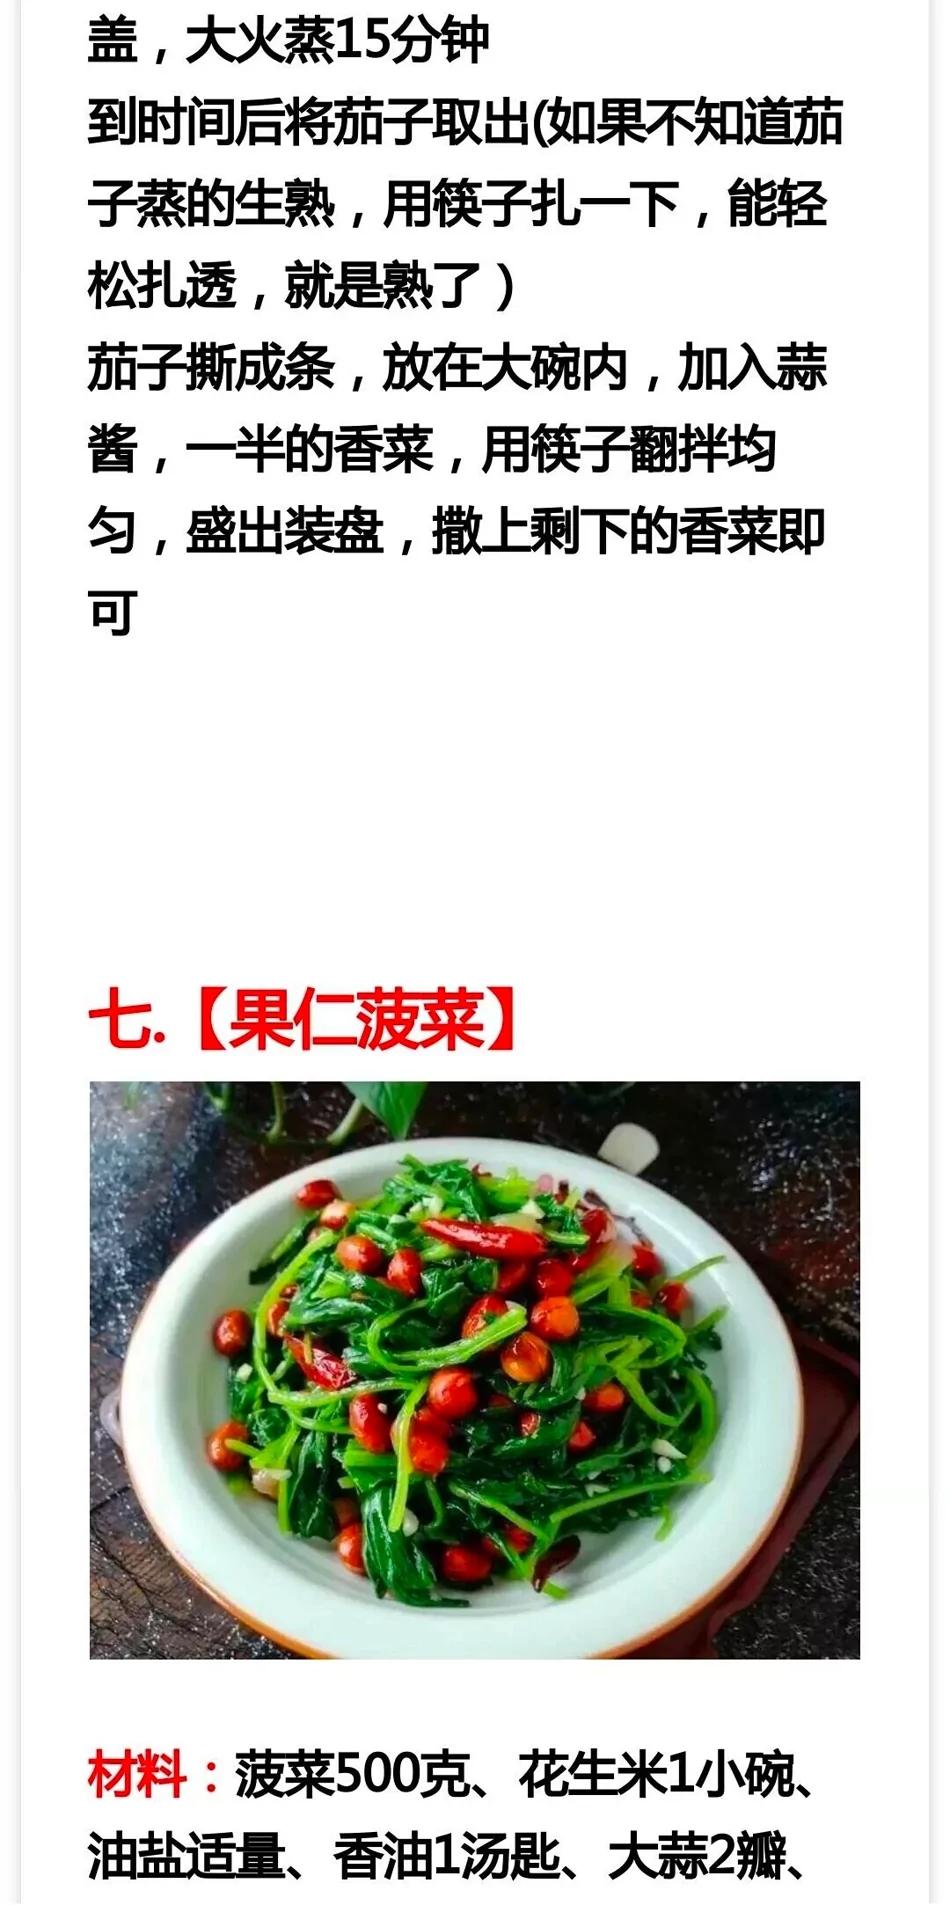 家常凉拌菜做法 美食做法 第11张